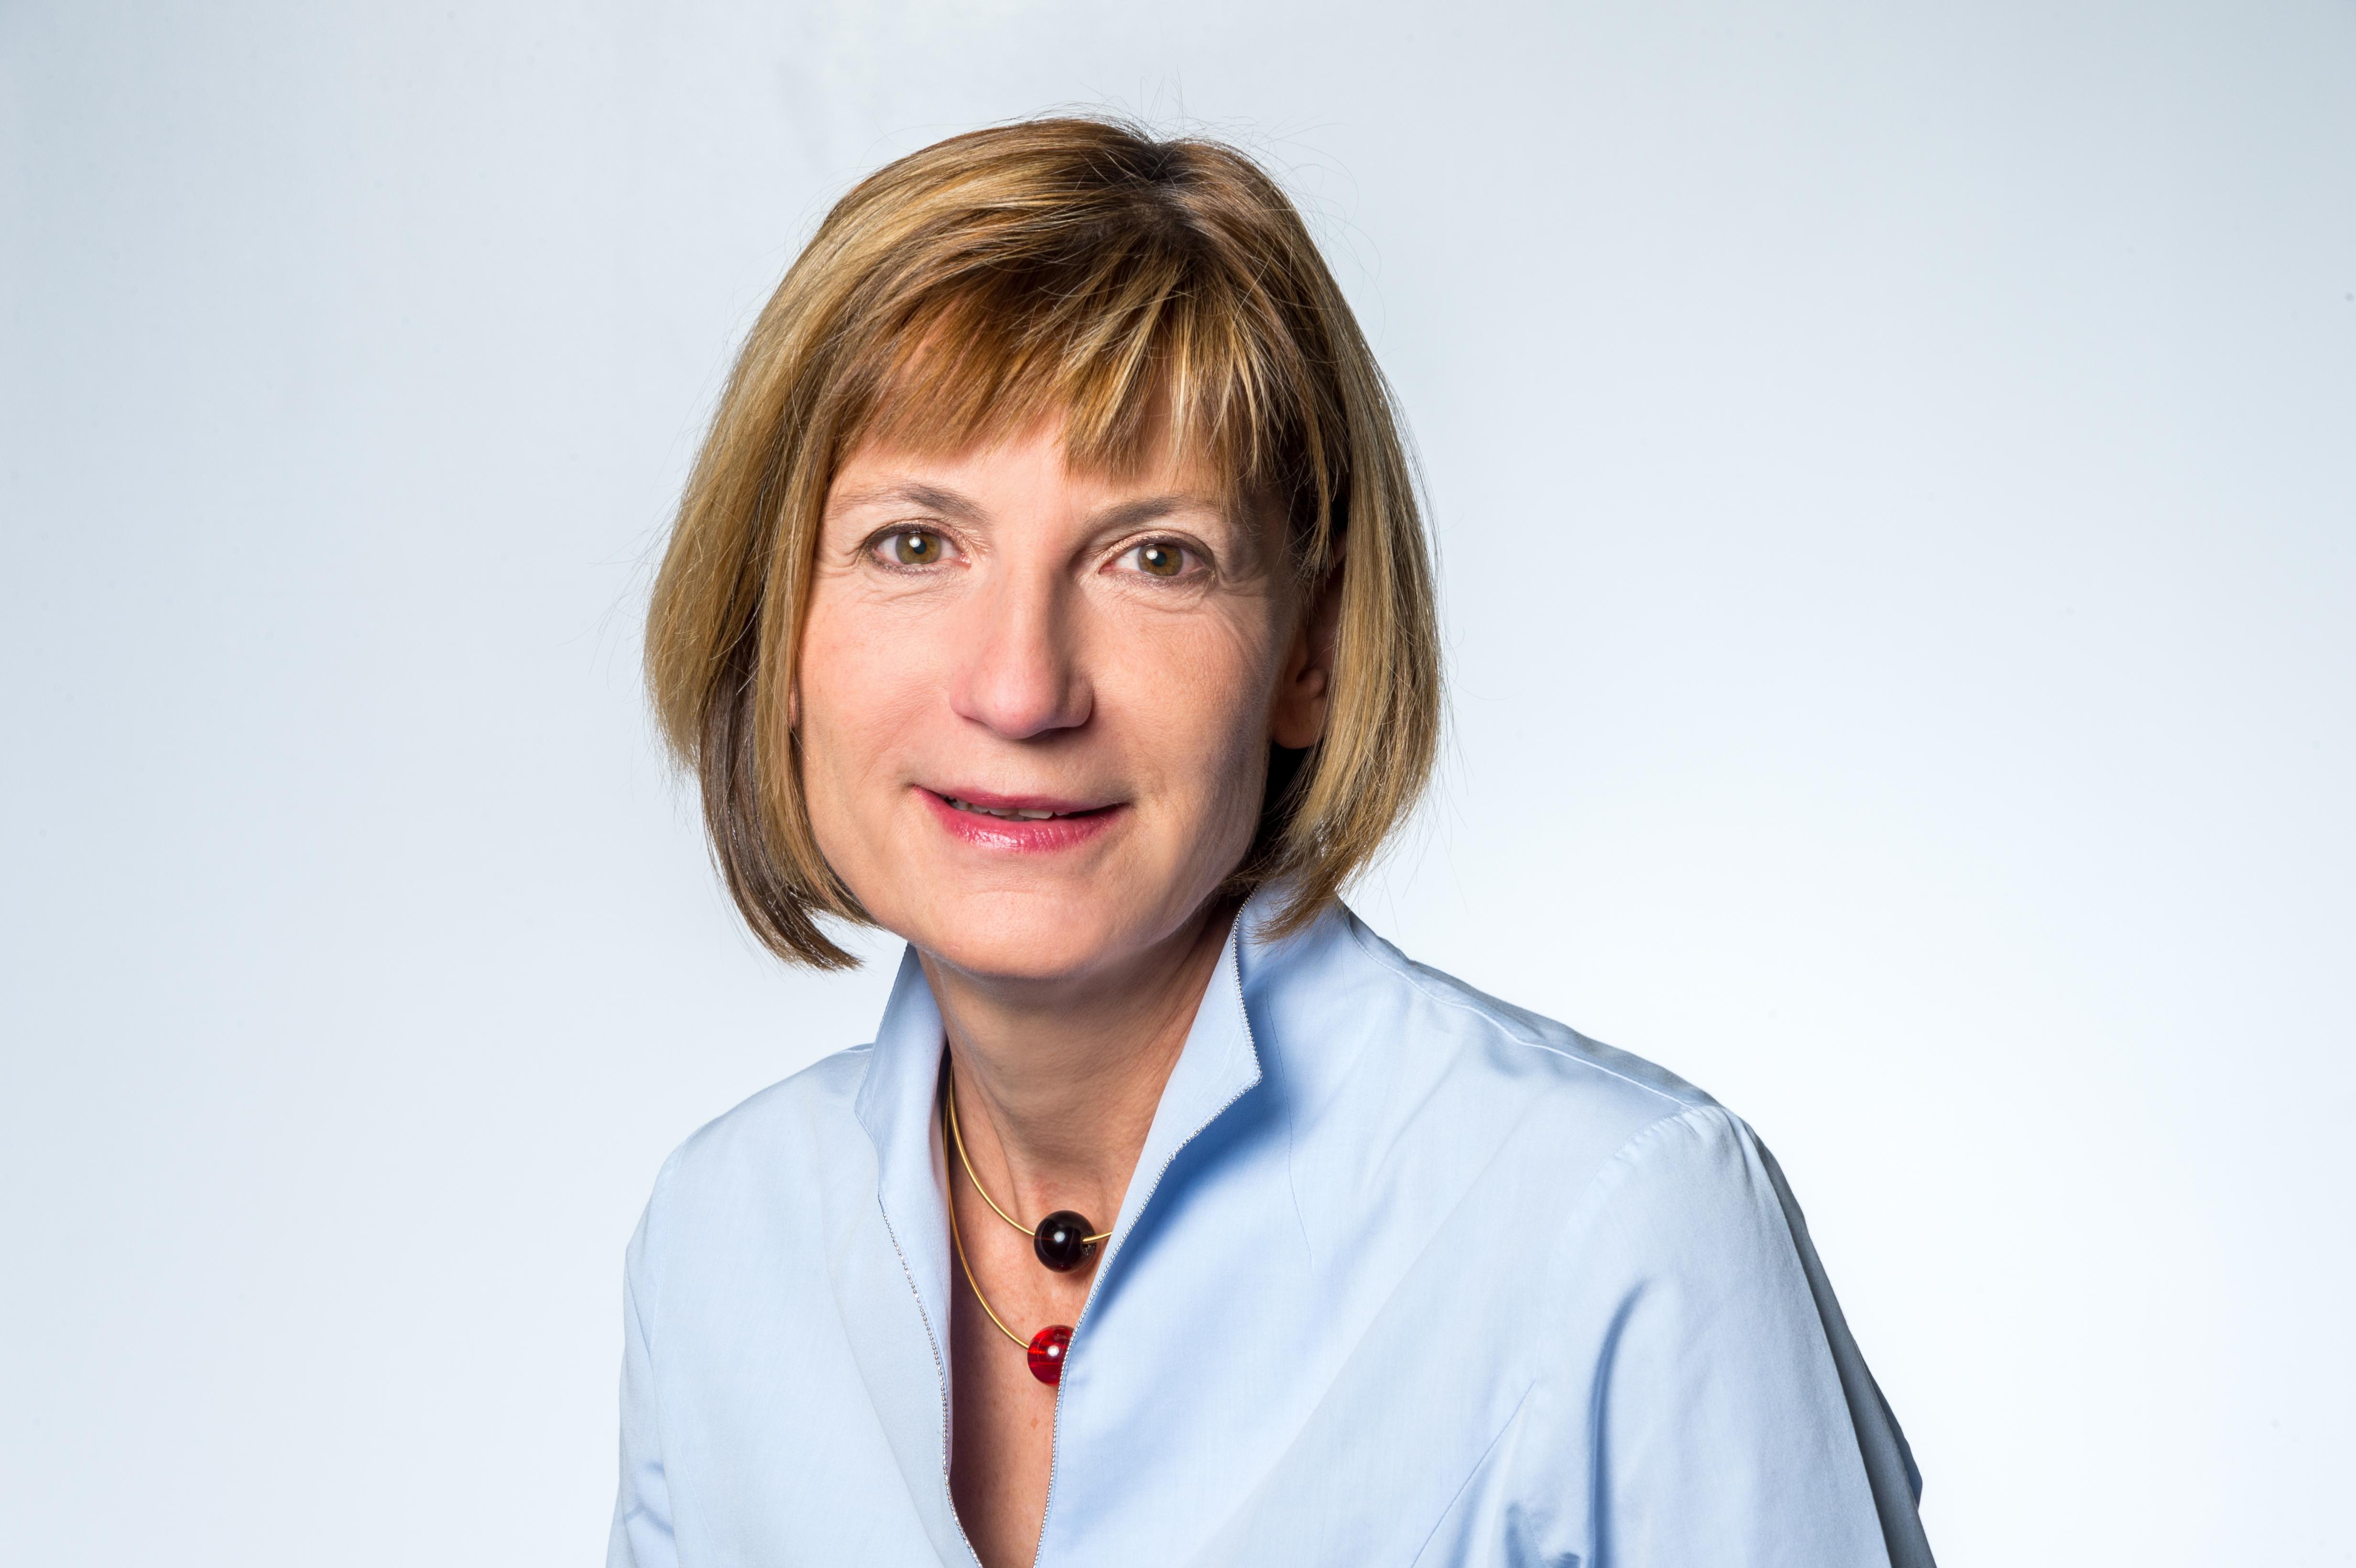 Anke Richter-Scheer